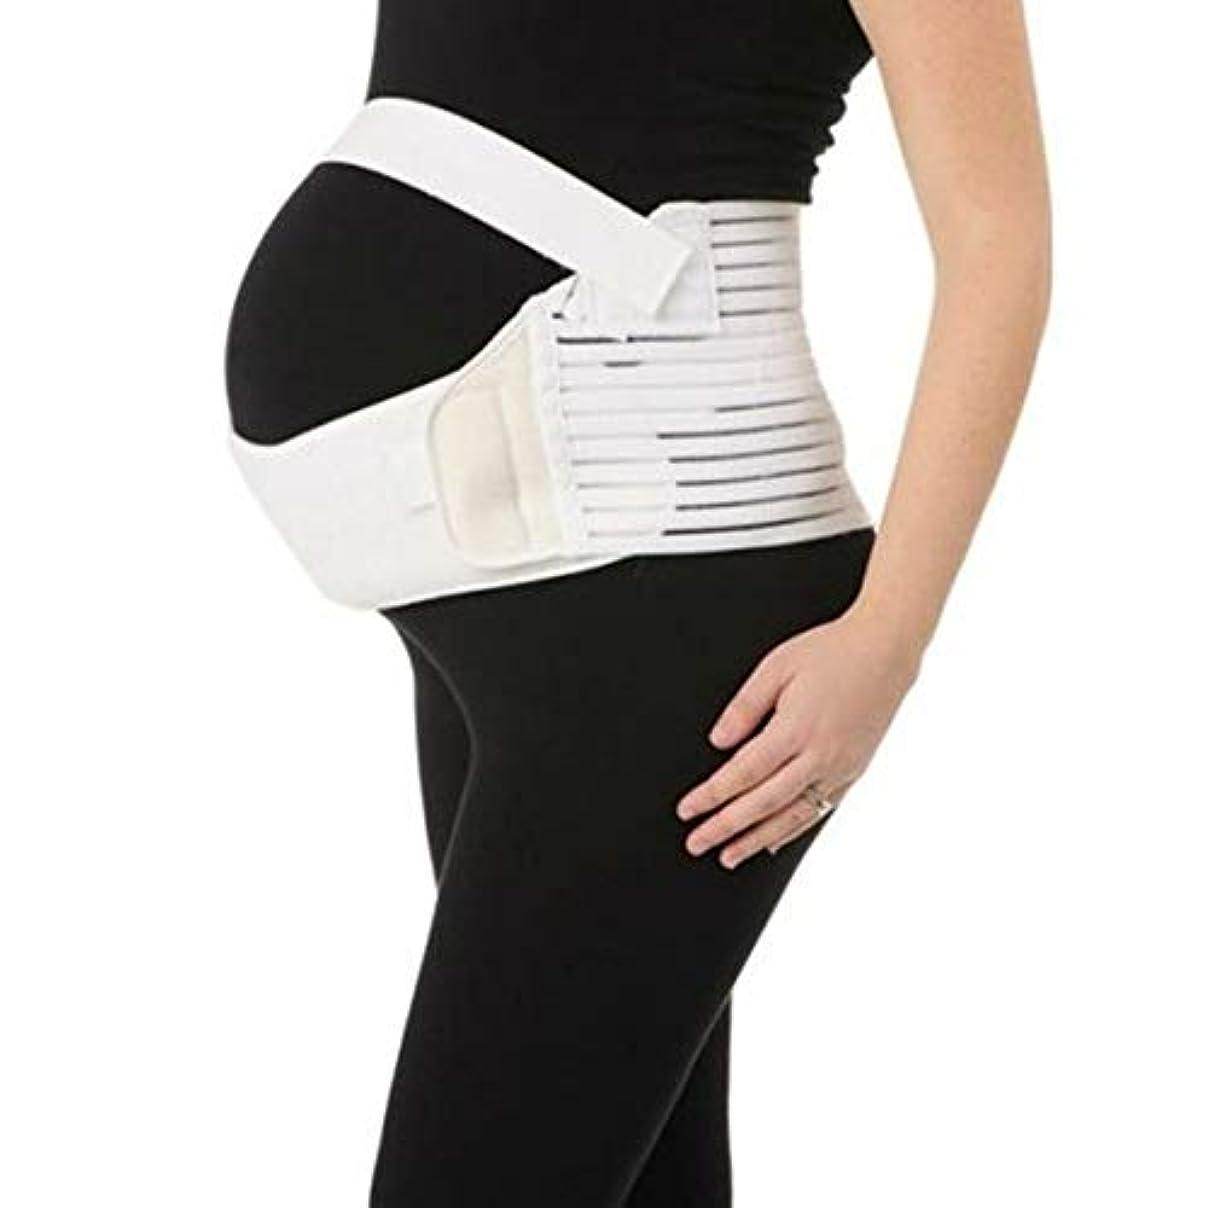 深さ谷未満通気性マタニティベルト妊娠腹部サポート腹部バインダーガードル運動包帯産後回復形状ウェア - ホワイトXL